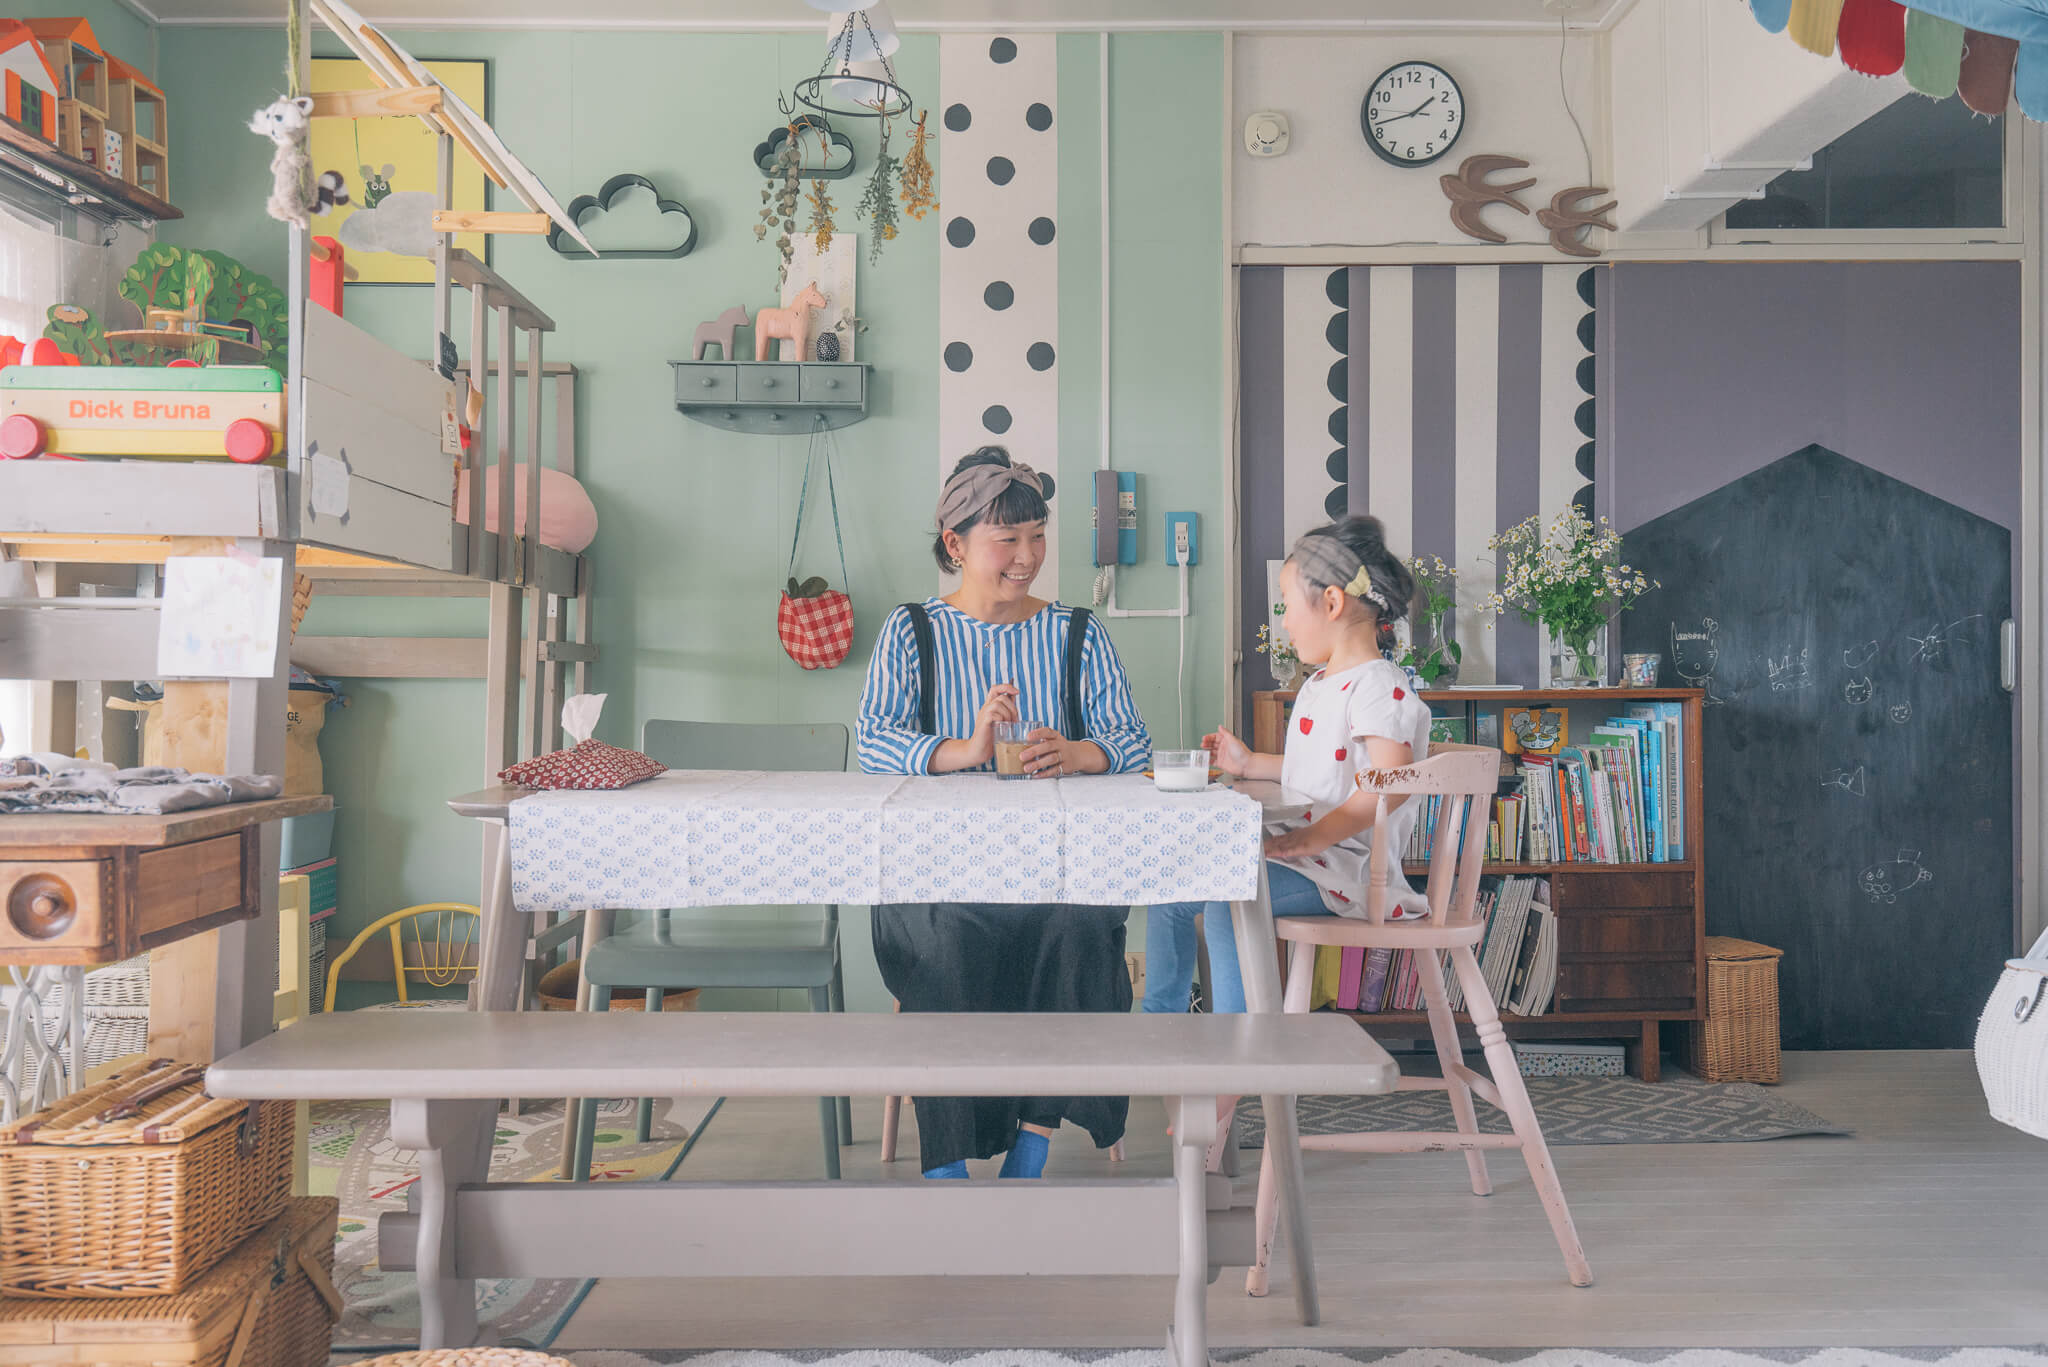 ダイニングテーブルのセットも、自分の好みで色を塗って、雰囲気ぴったりに仕上げています。長いベンチは、お姉さんからいただいたもの。色を塗ればまるでお揃いみたいですね。